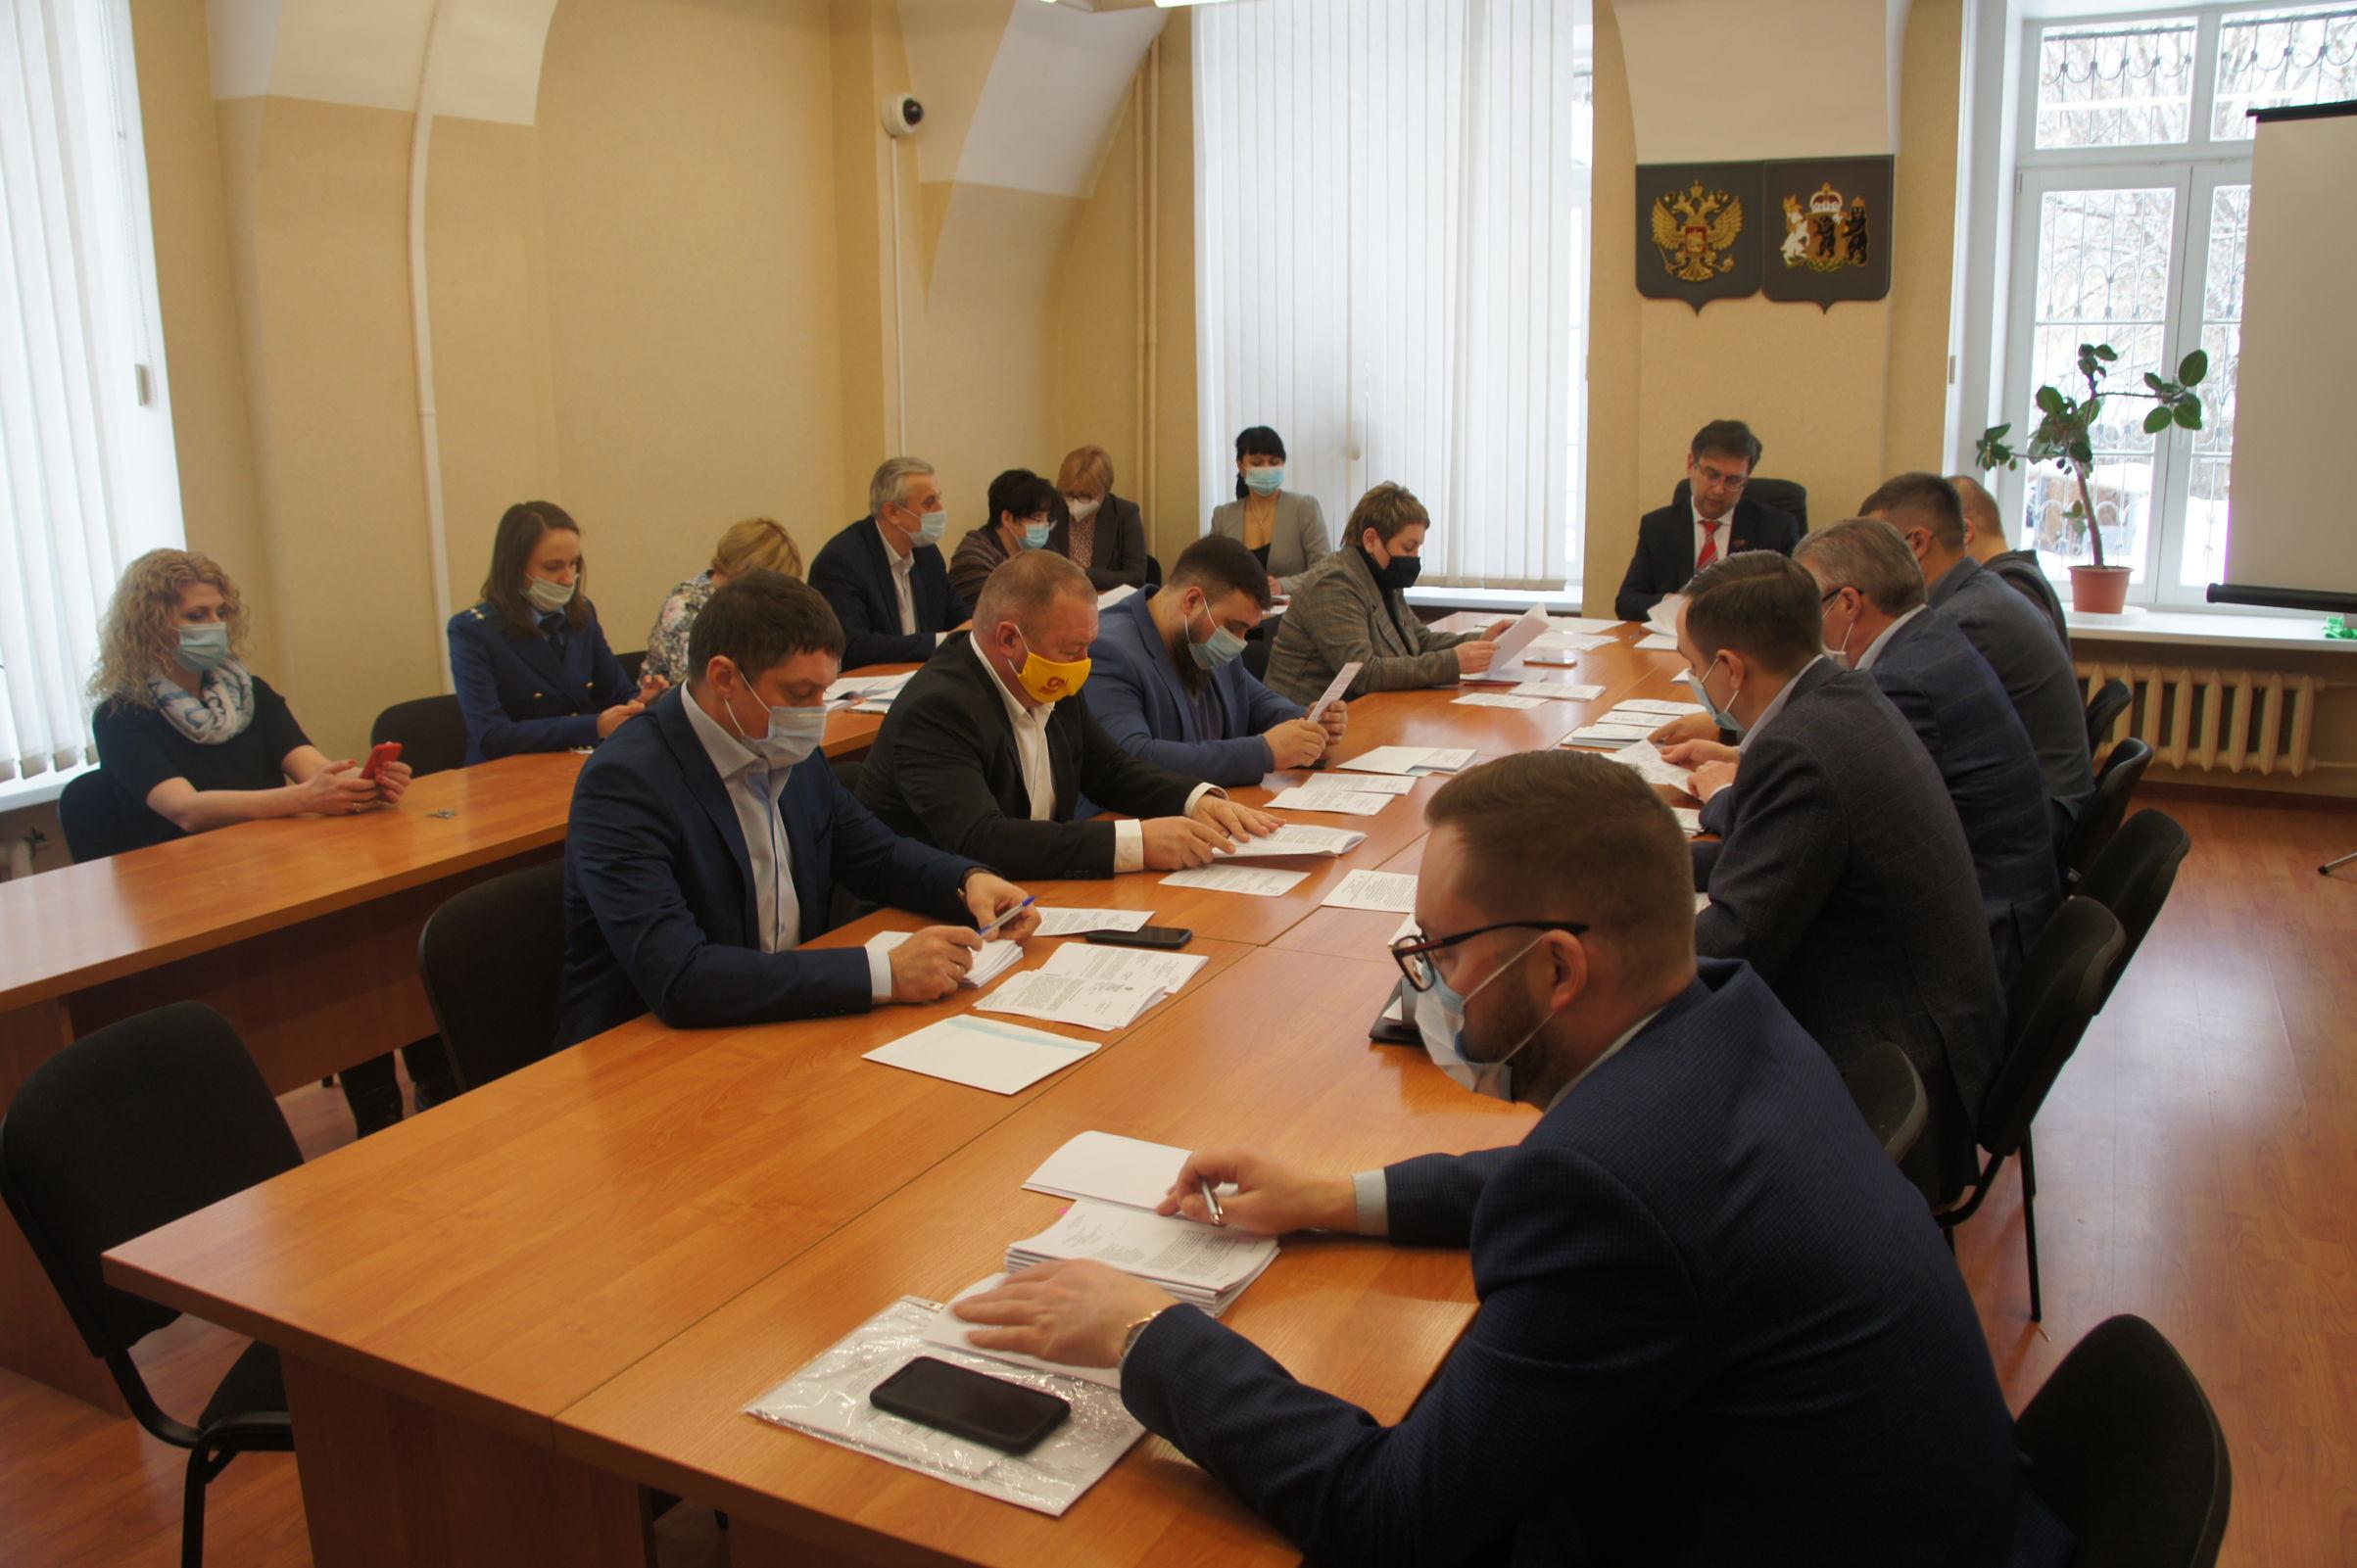 Комитет Ярославской областной Думы предложил вернуть прямые выборы мэра